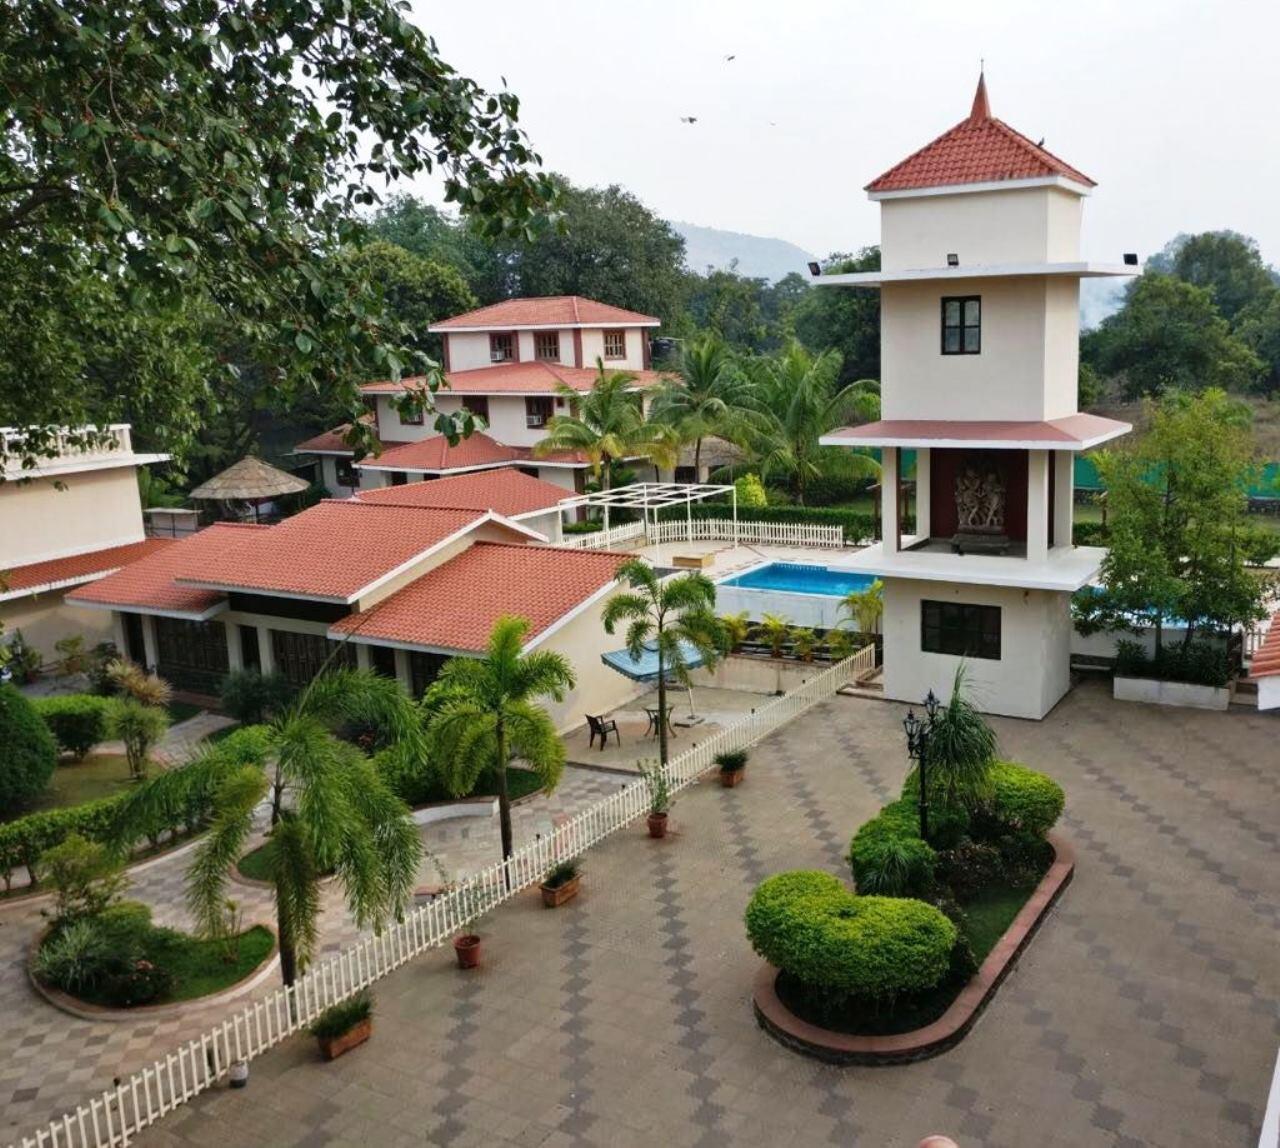 Paradise Villas & Resort, Raigarh